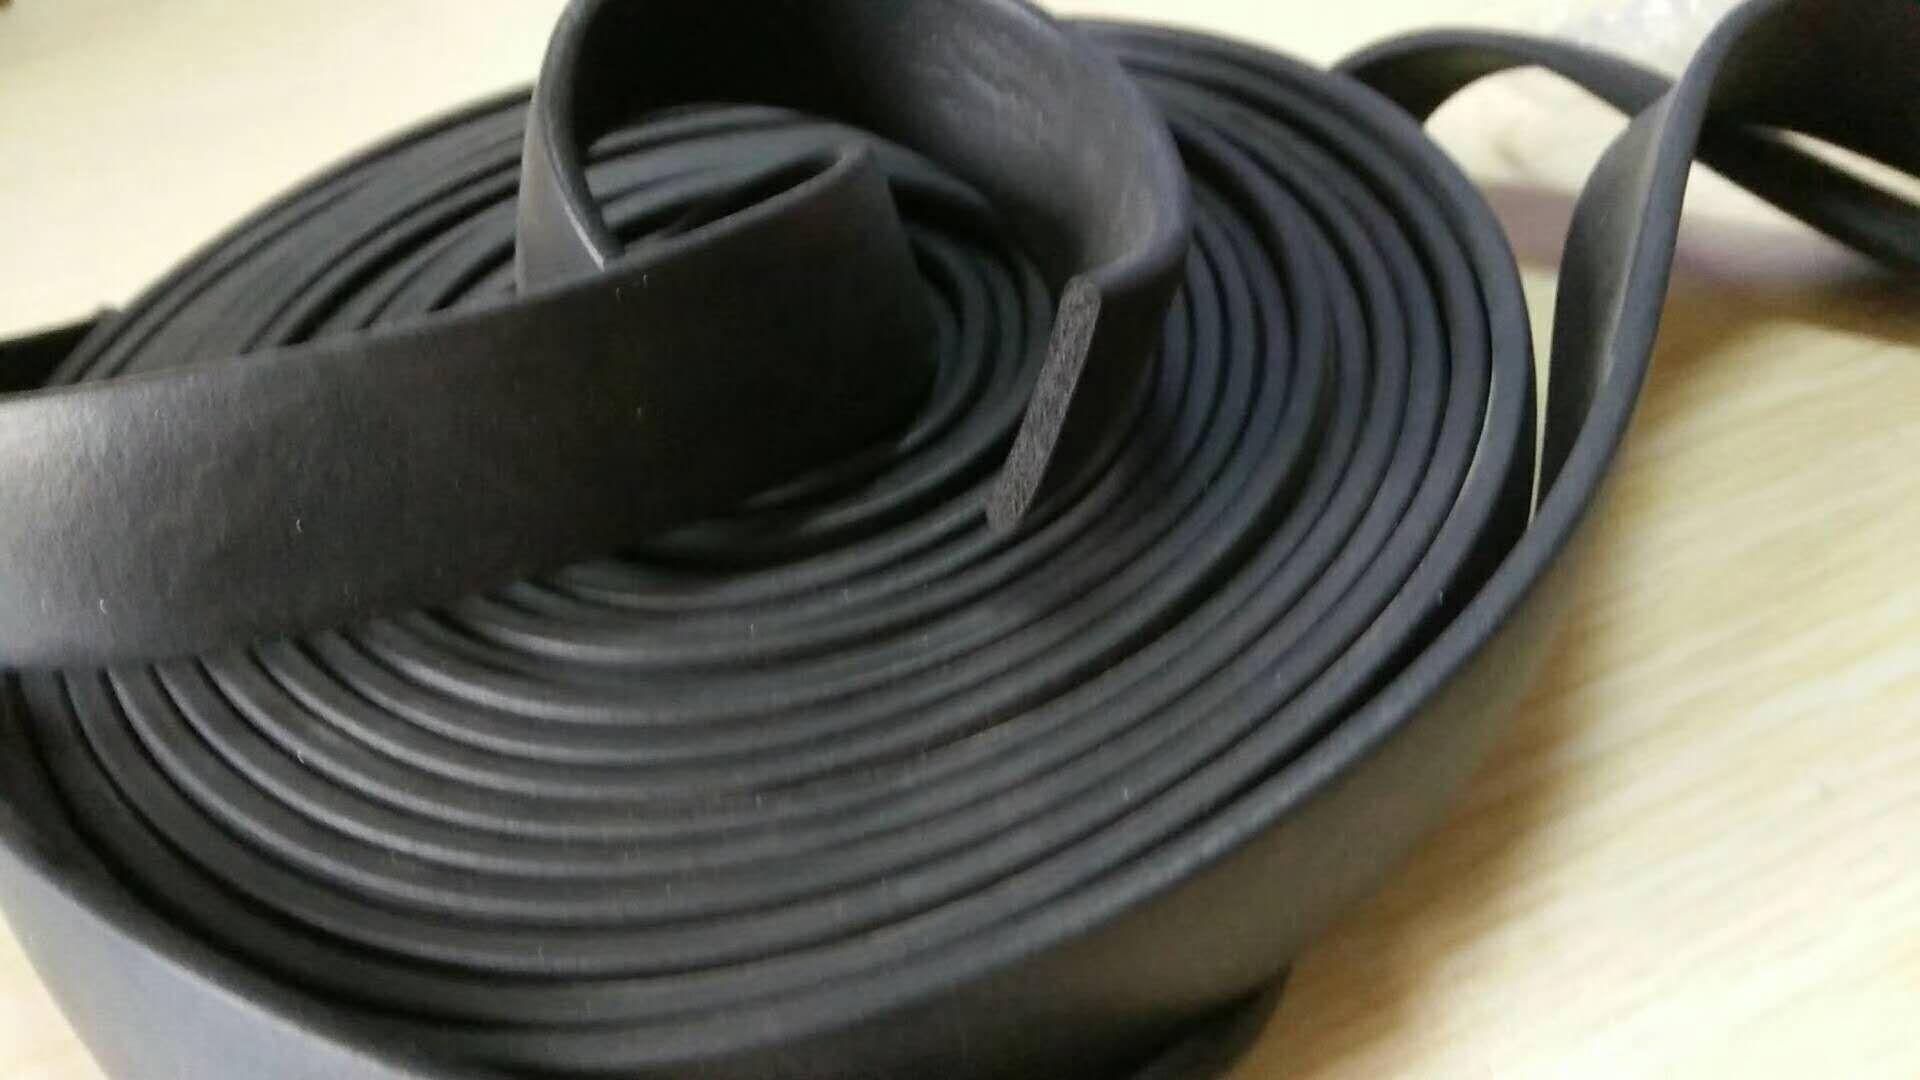 橡胶止水条 橡胶止水条规格 橡胶止水条生产厂家 橡胶止水条价格 缓膨型橡胶止水条 衡水缓膨型橡胶止水条